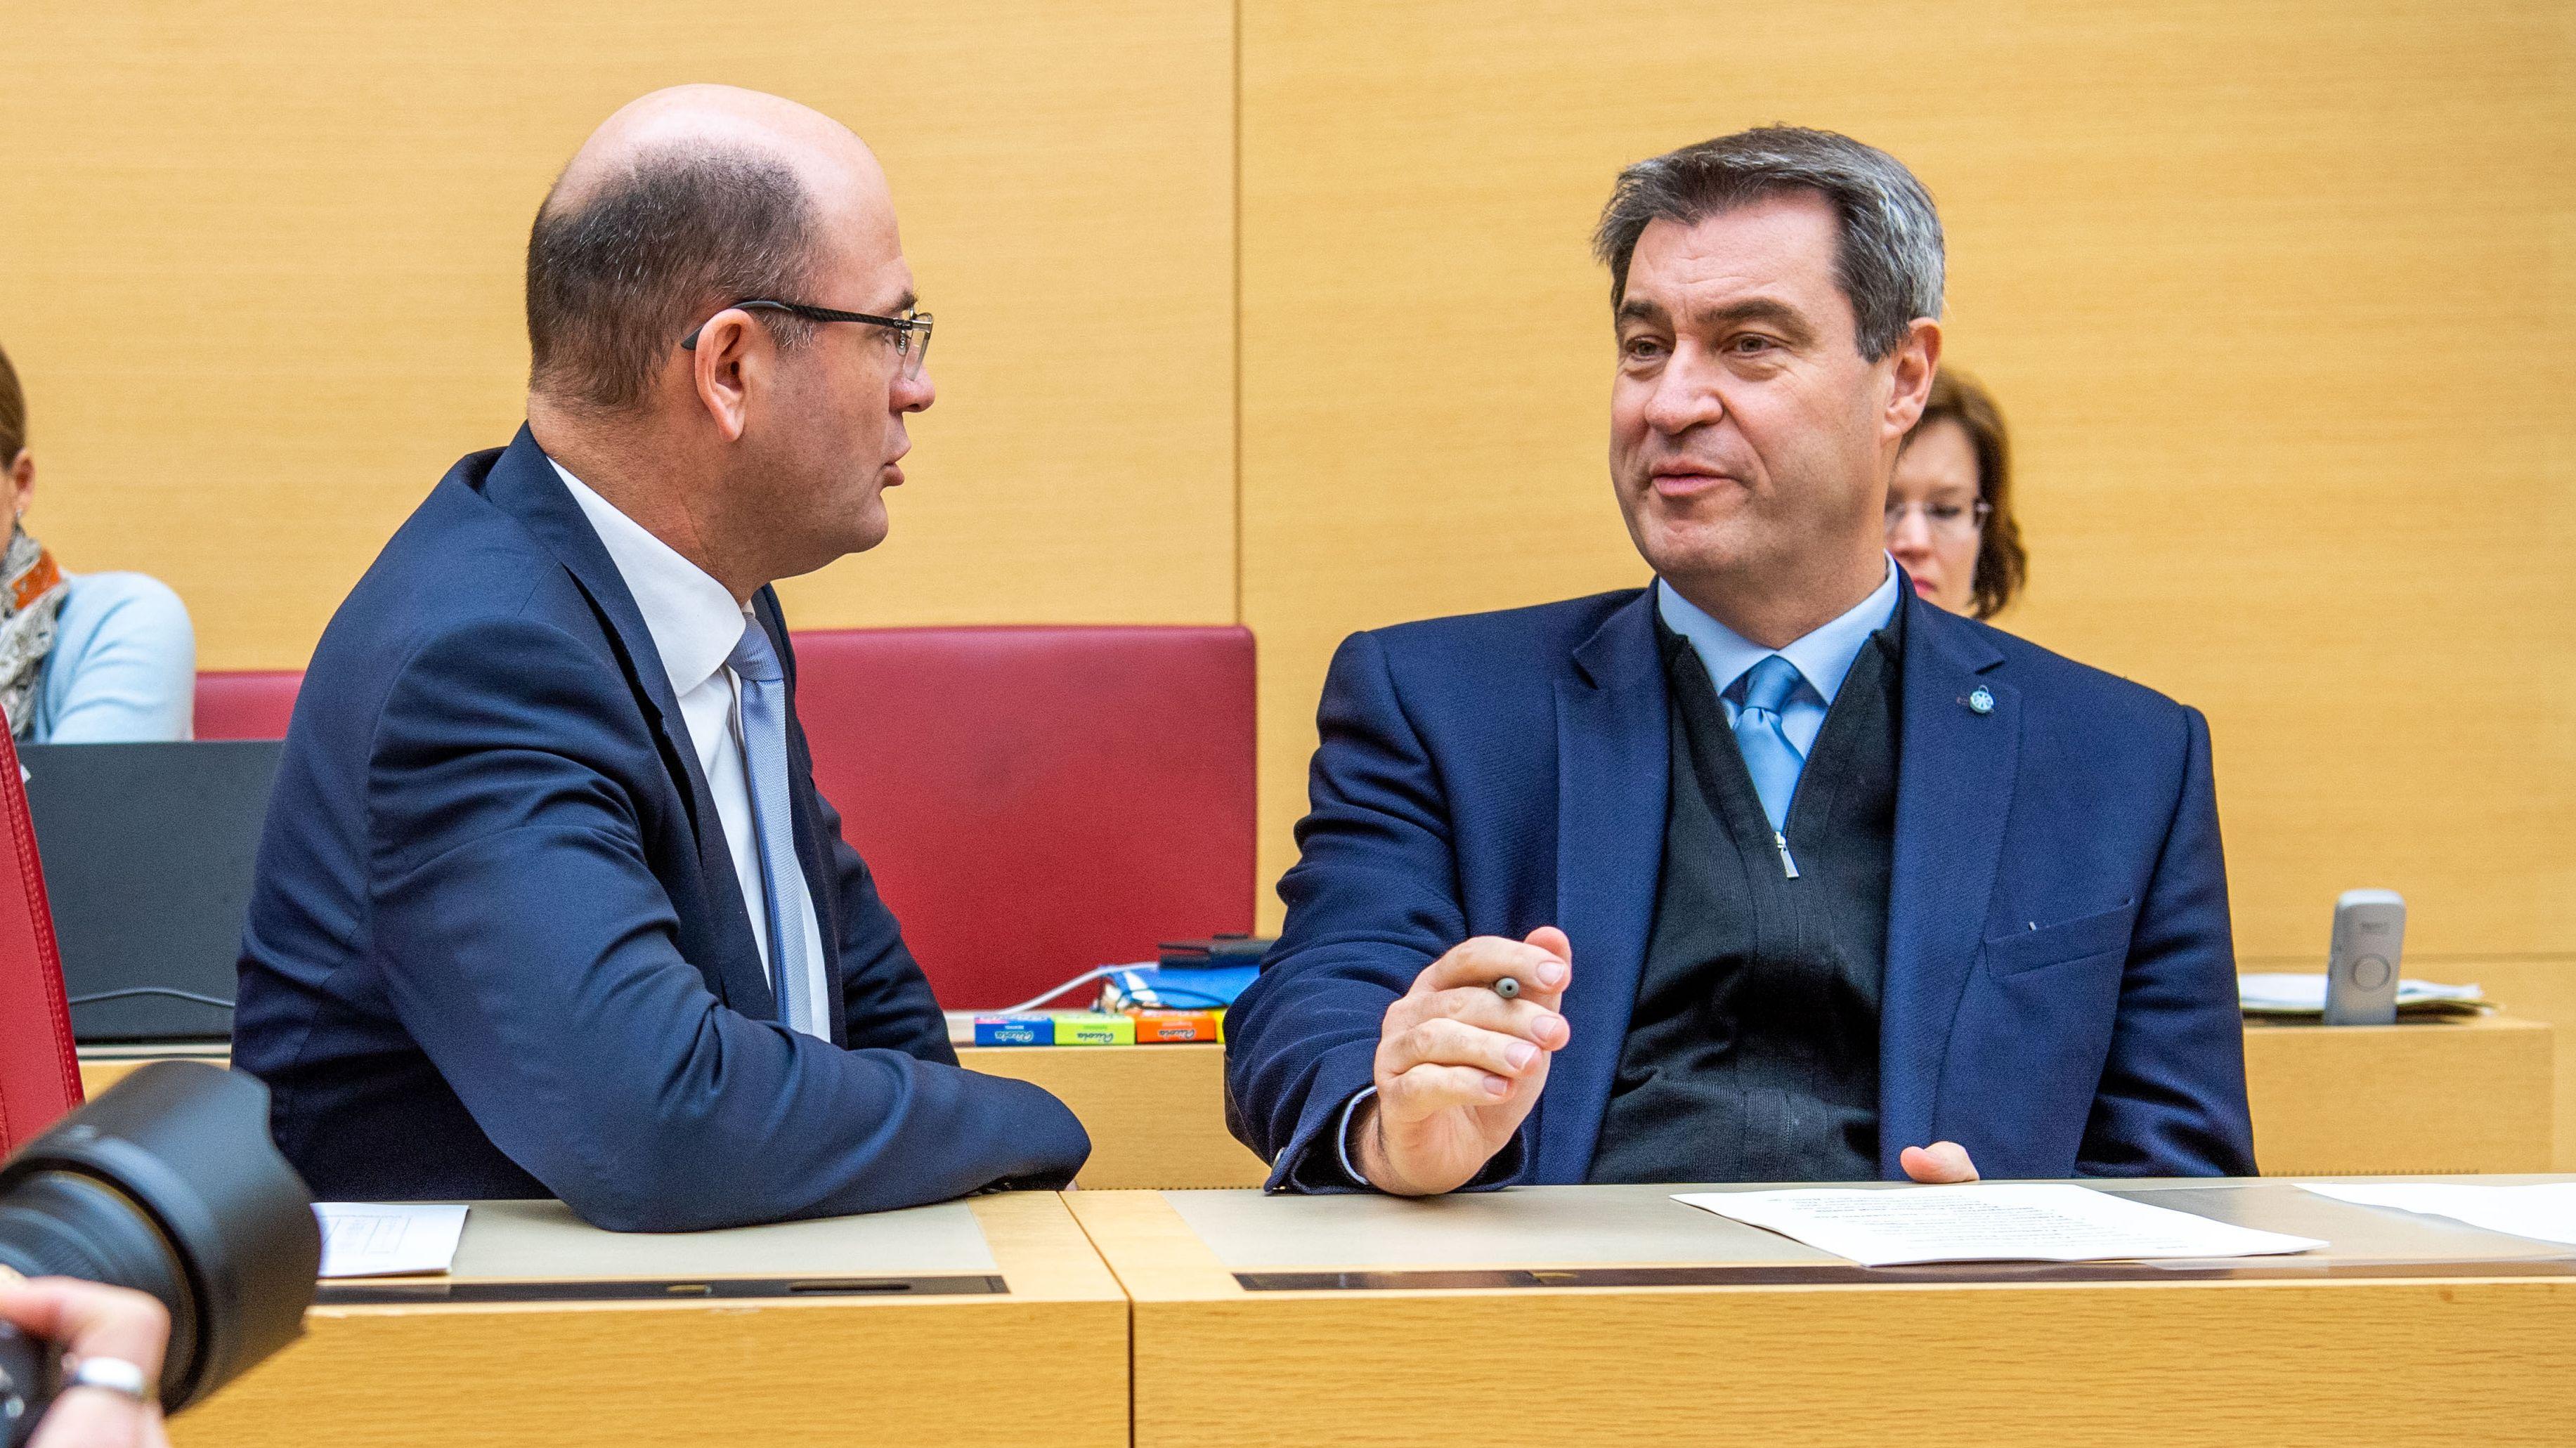 Bayerns Finanzminister Albert Füracker und Ministerpräsident Markus Söder (beide CSU) am 11. Dezember 2019 im Landtag